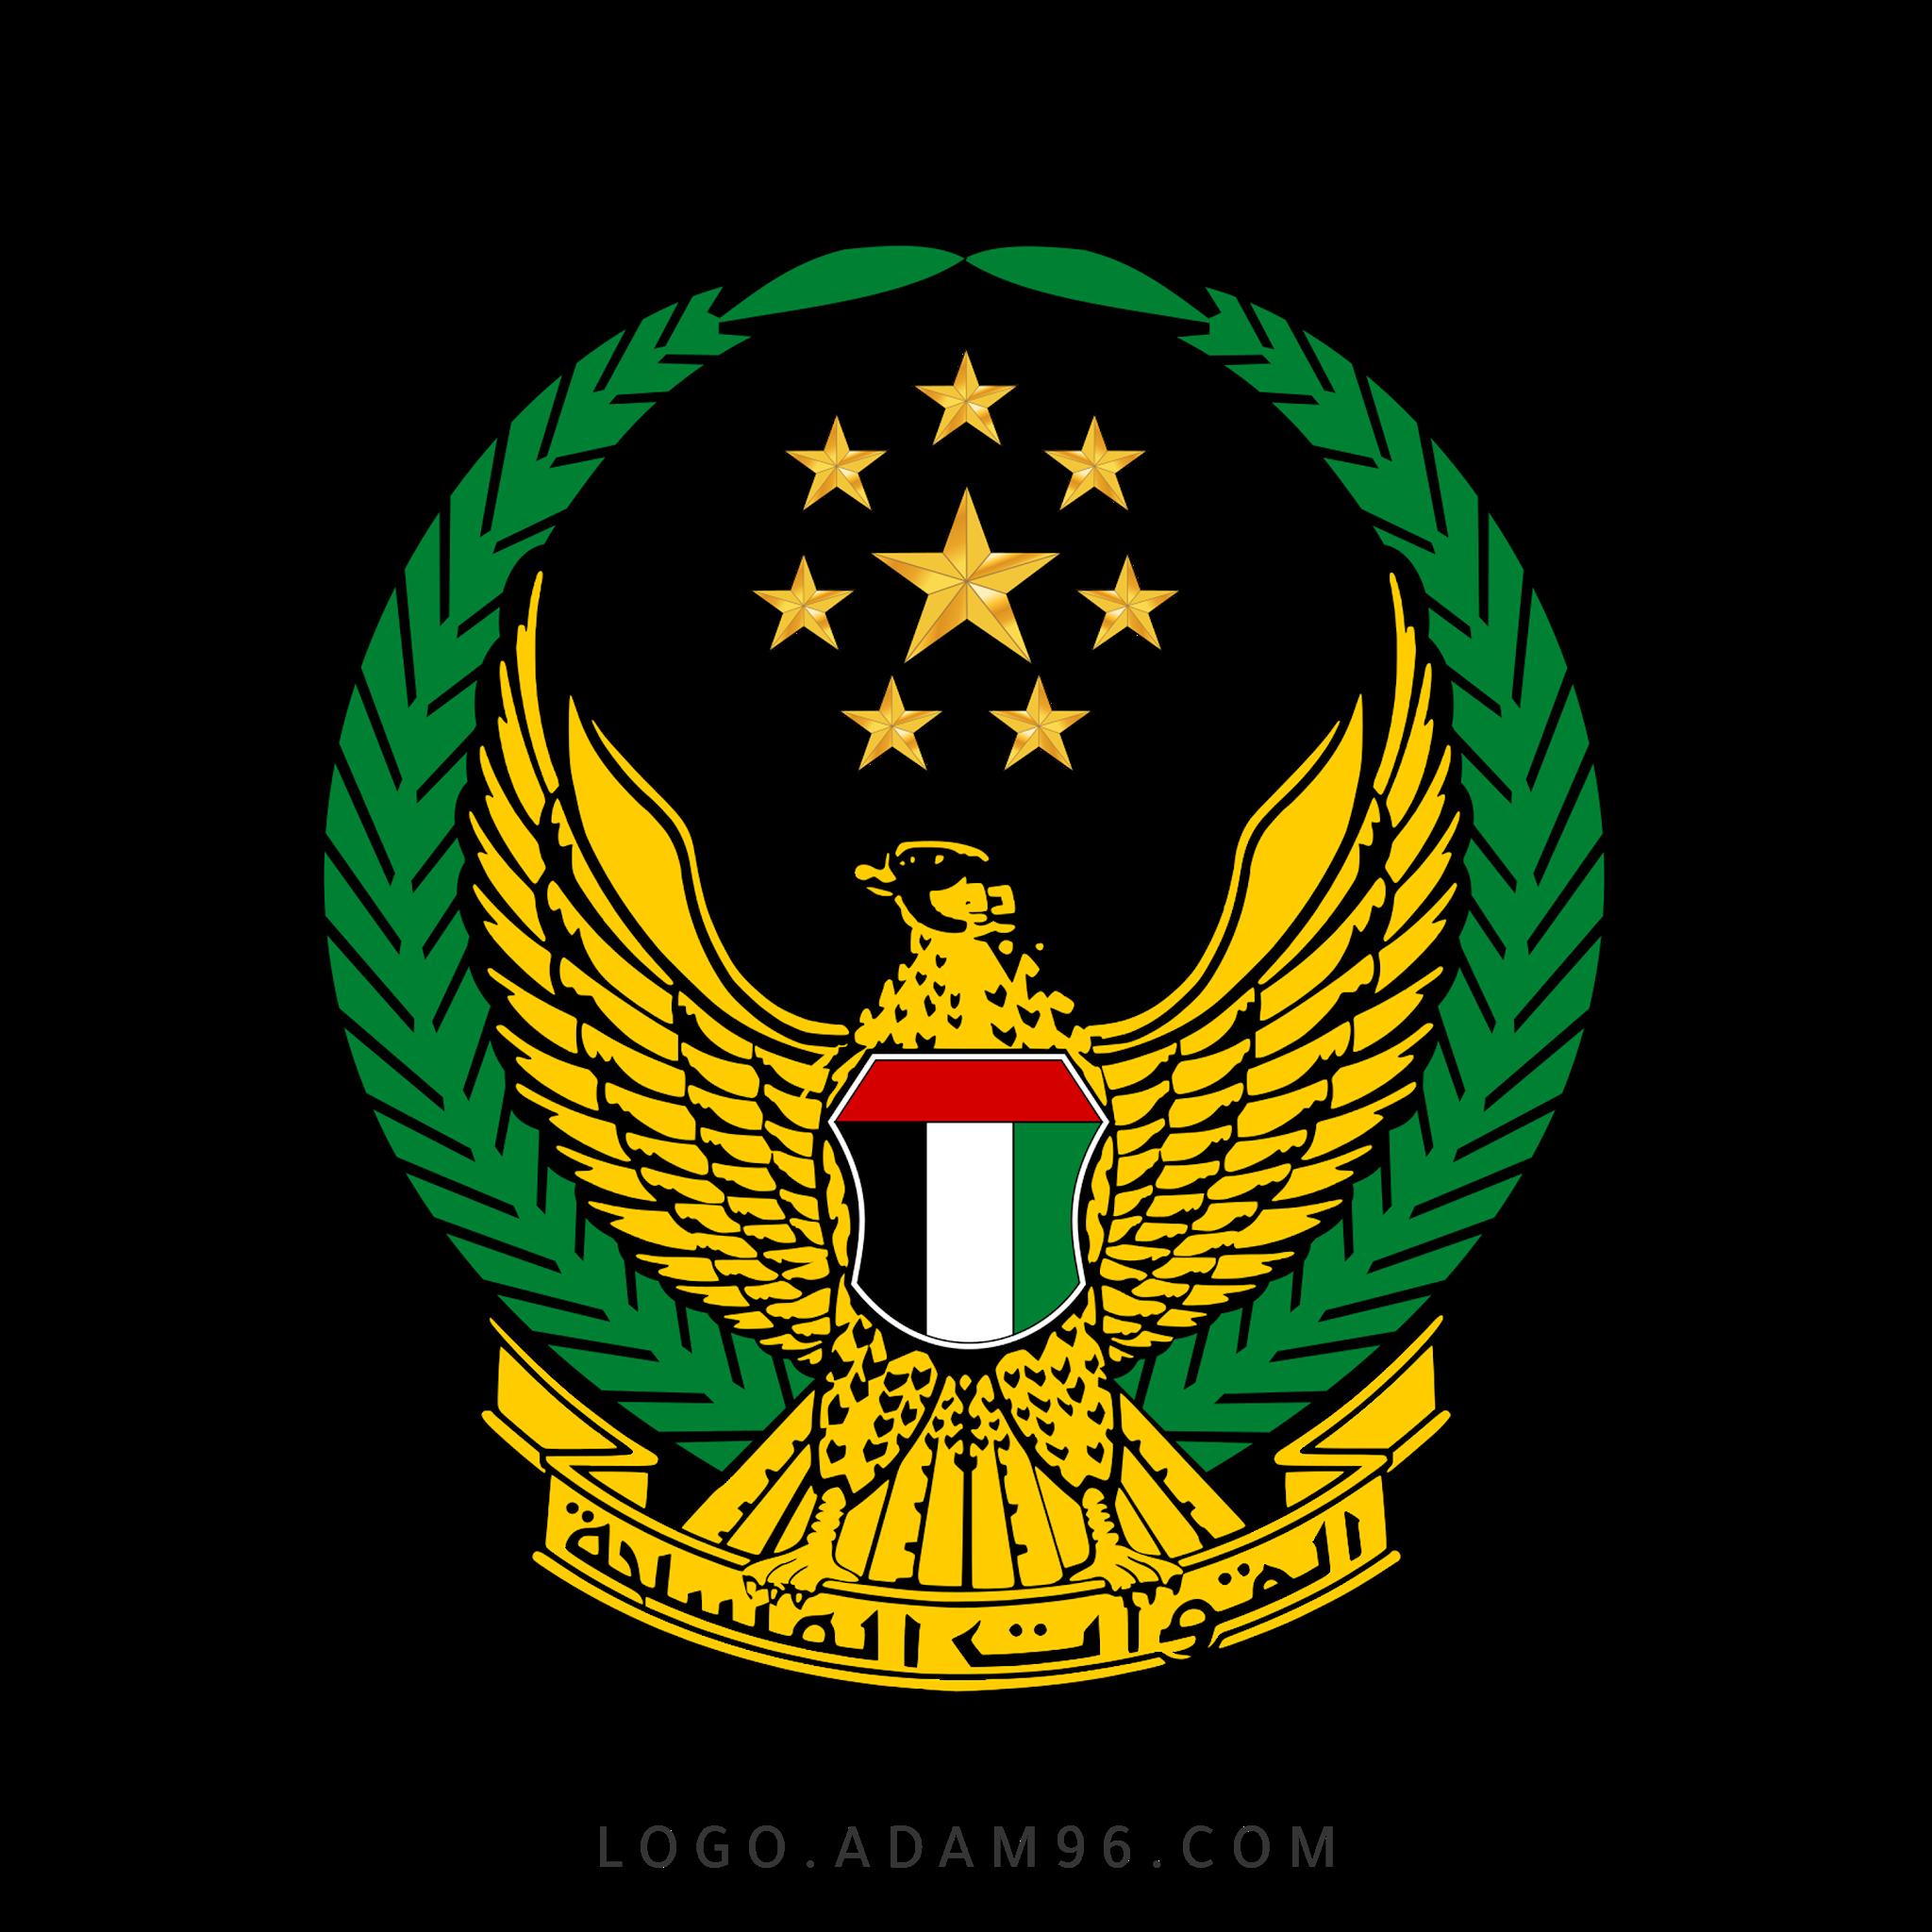 تحميل شعار القوات المسلحة دولة الإمارات العربية المتحدة لوجو PNG